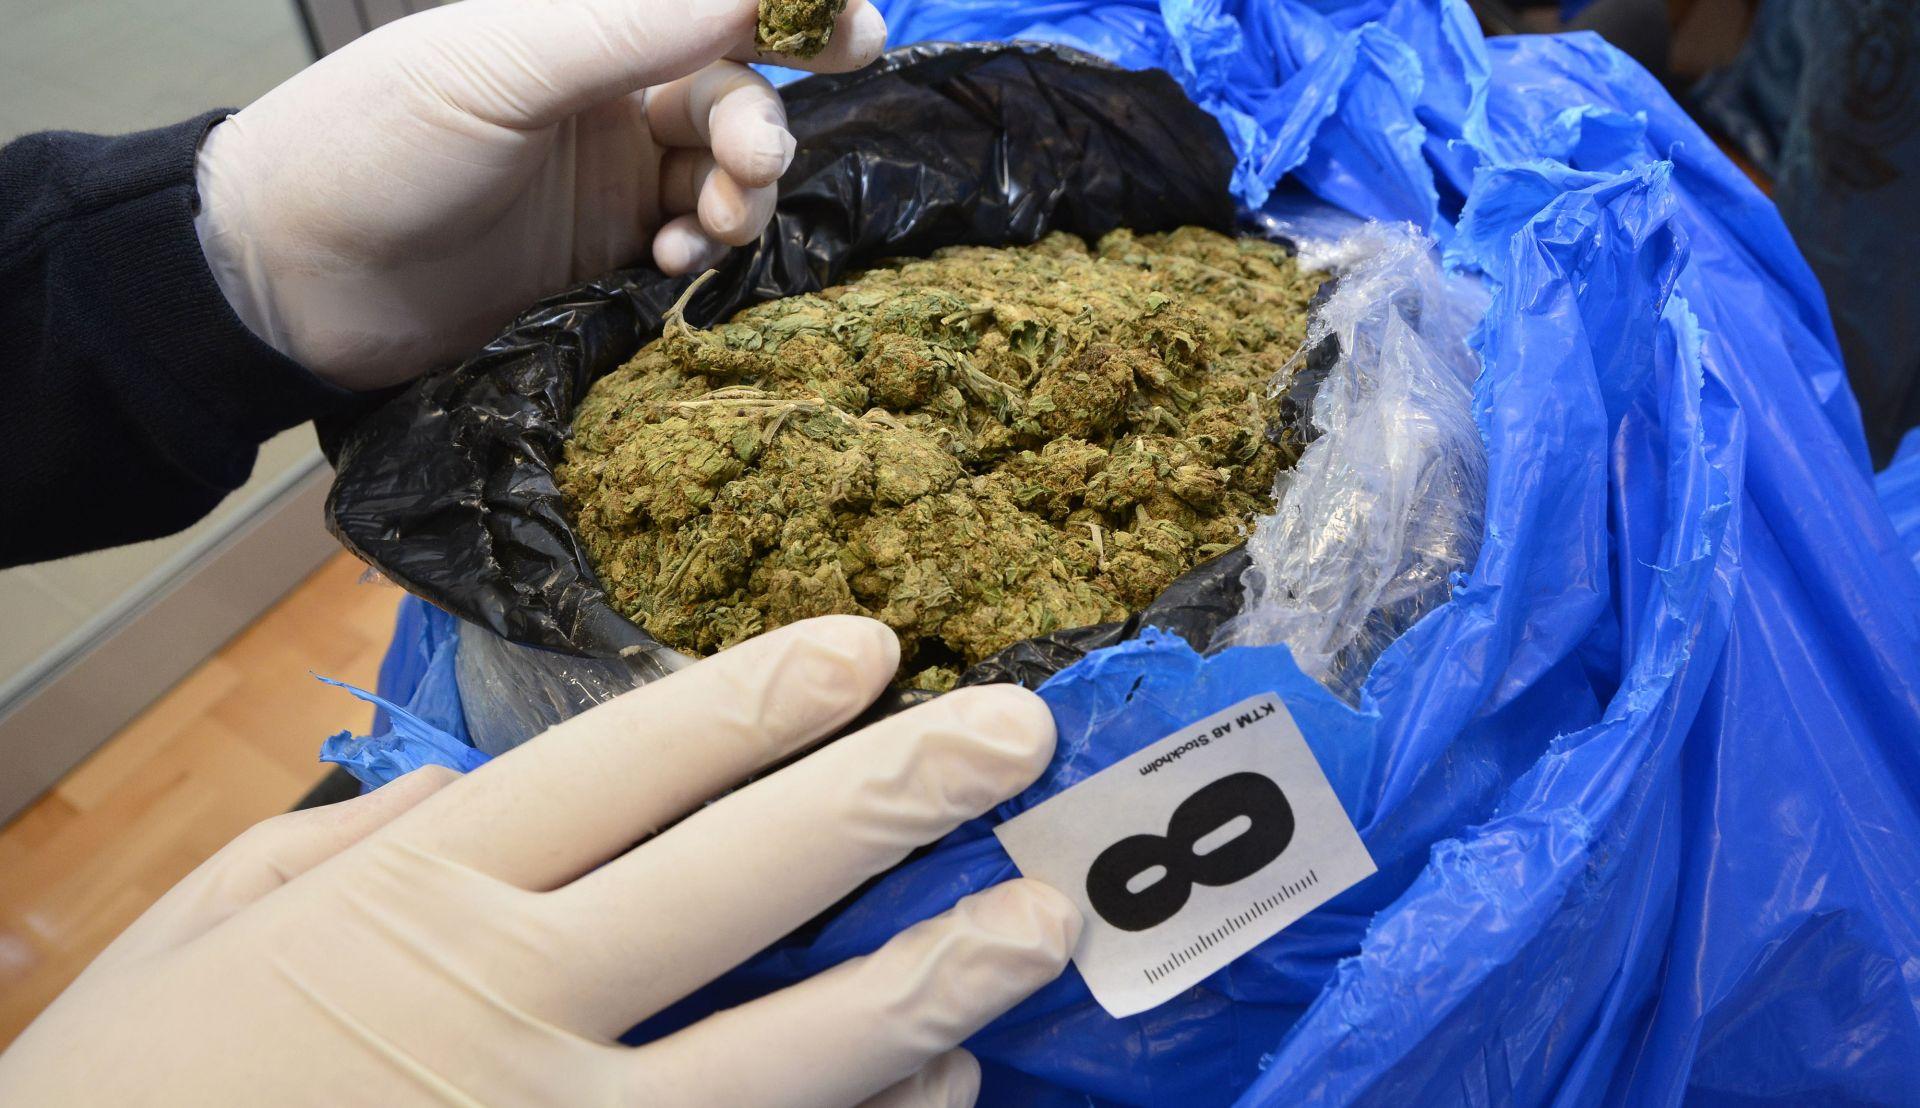 Trojica uhićena zbog preprodaje 24 kilograma marihuane i ekstazija na području Zadra